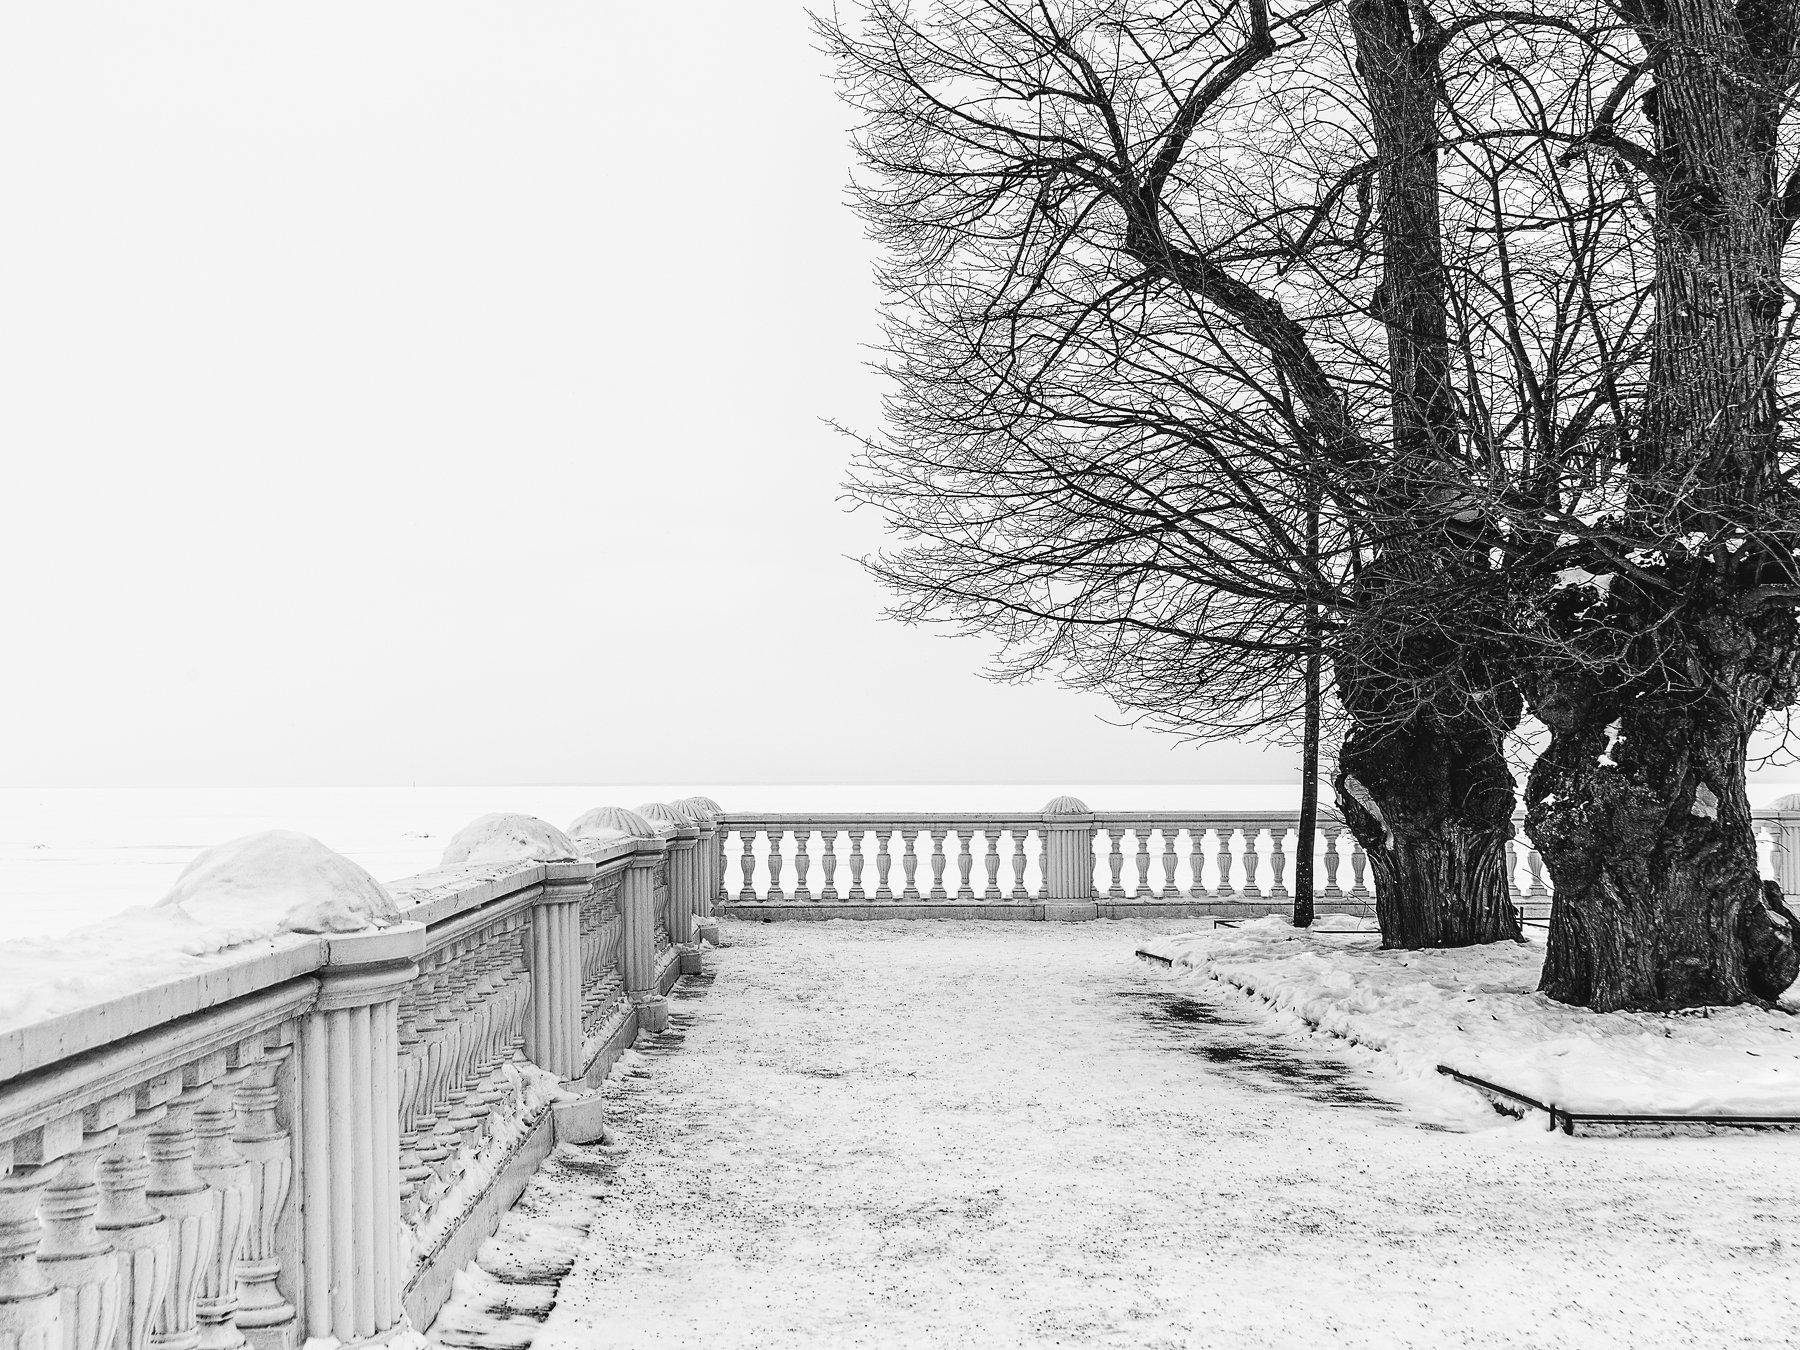 парк залив зима весна снег март прогулка никон, Вавилова Елизавета